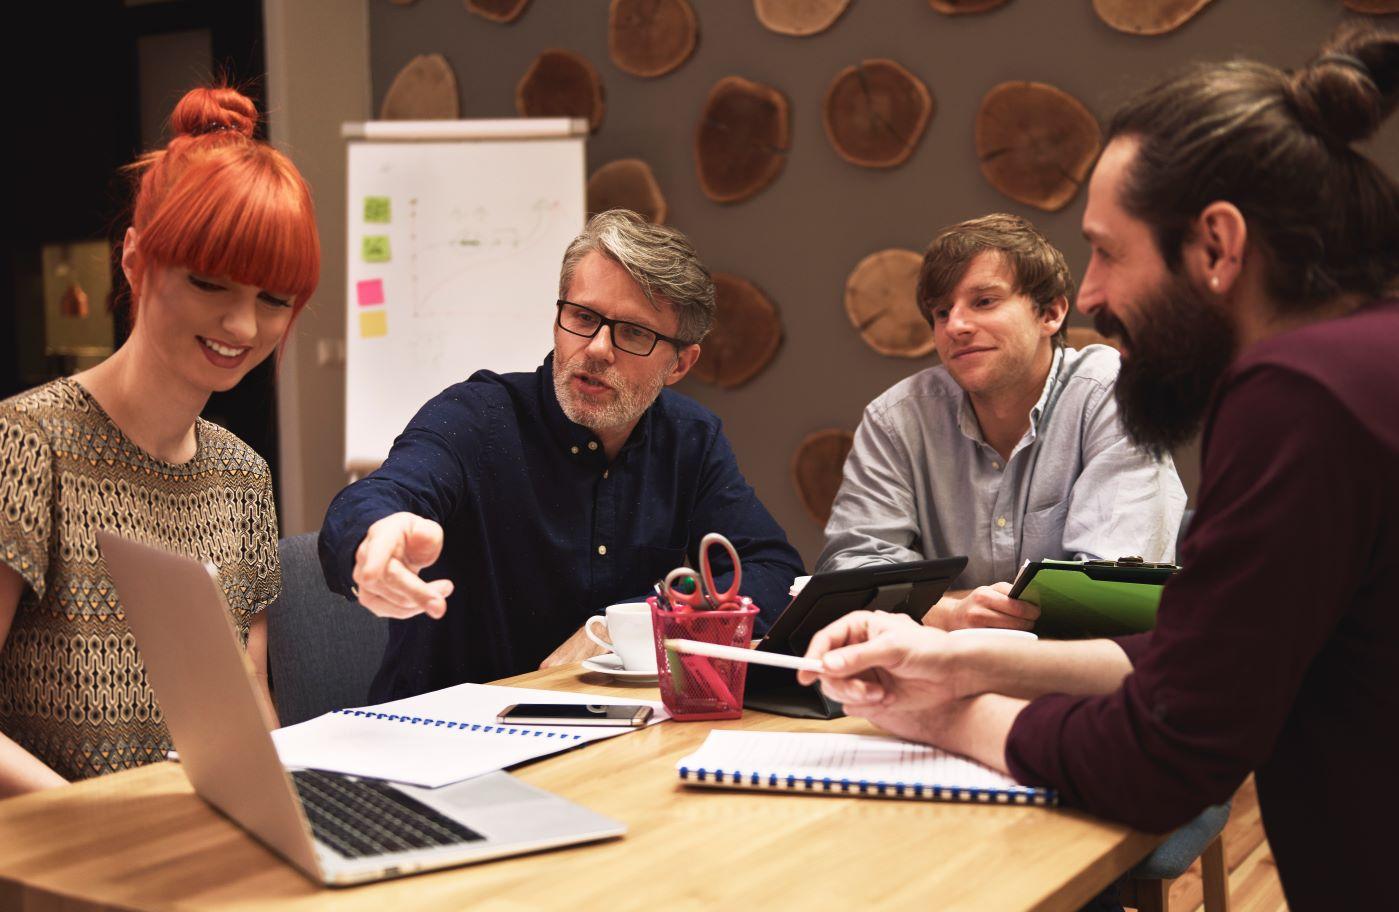 Quali sono le skills degli HR Manager?